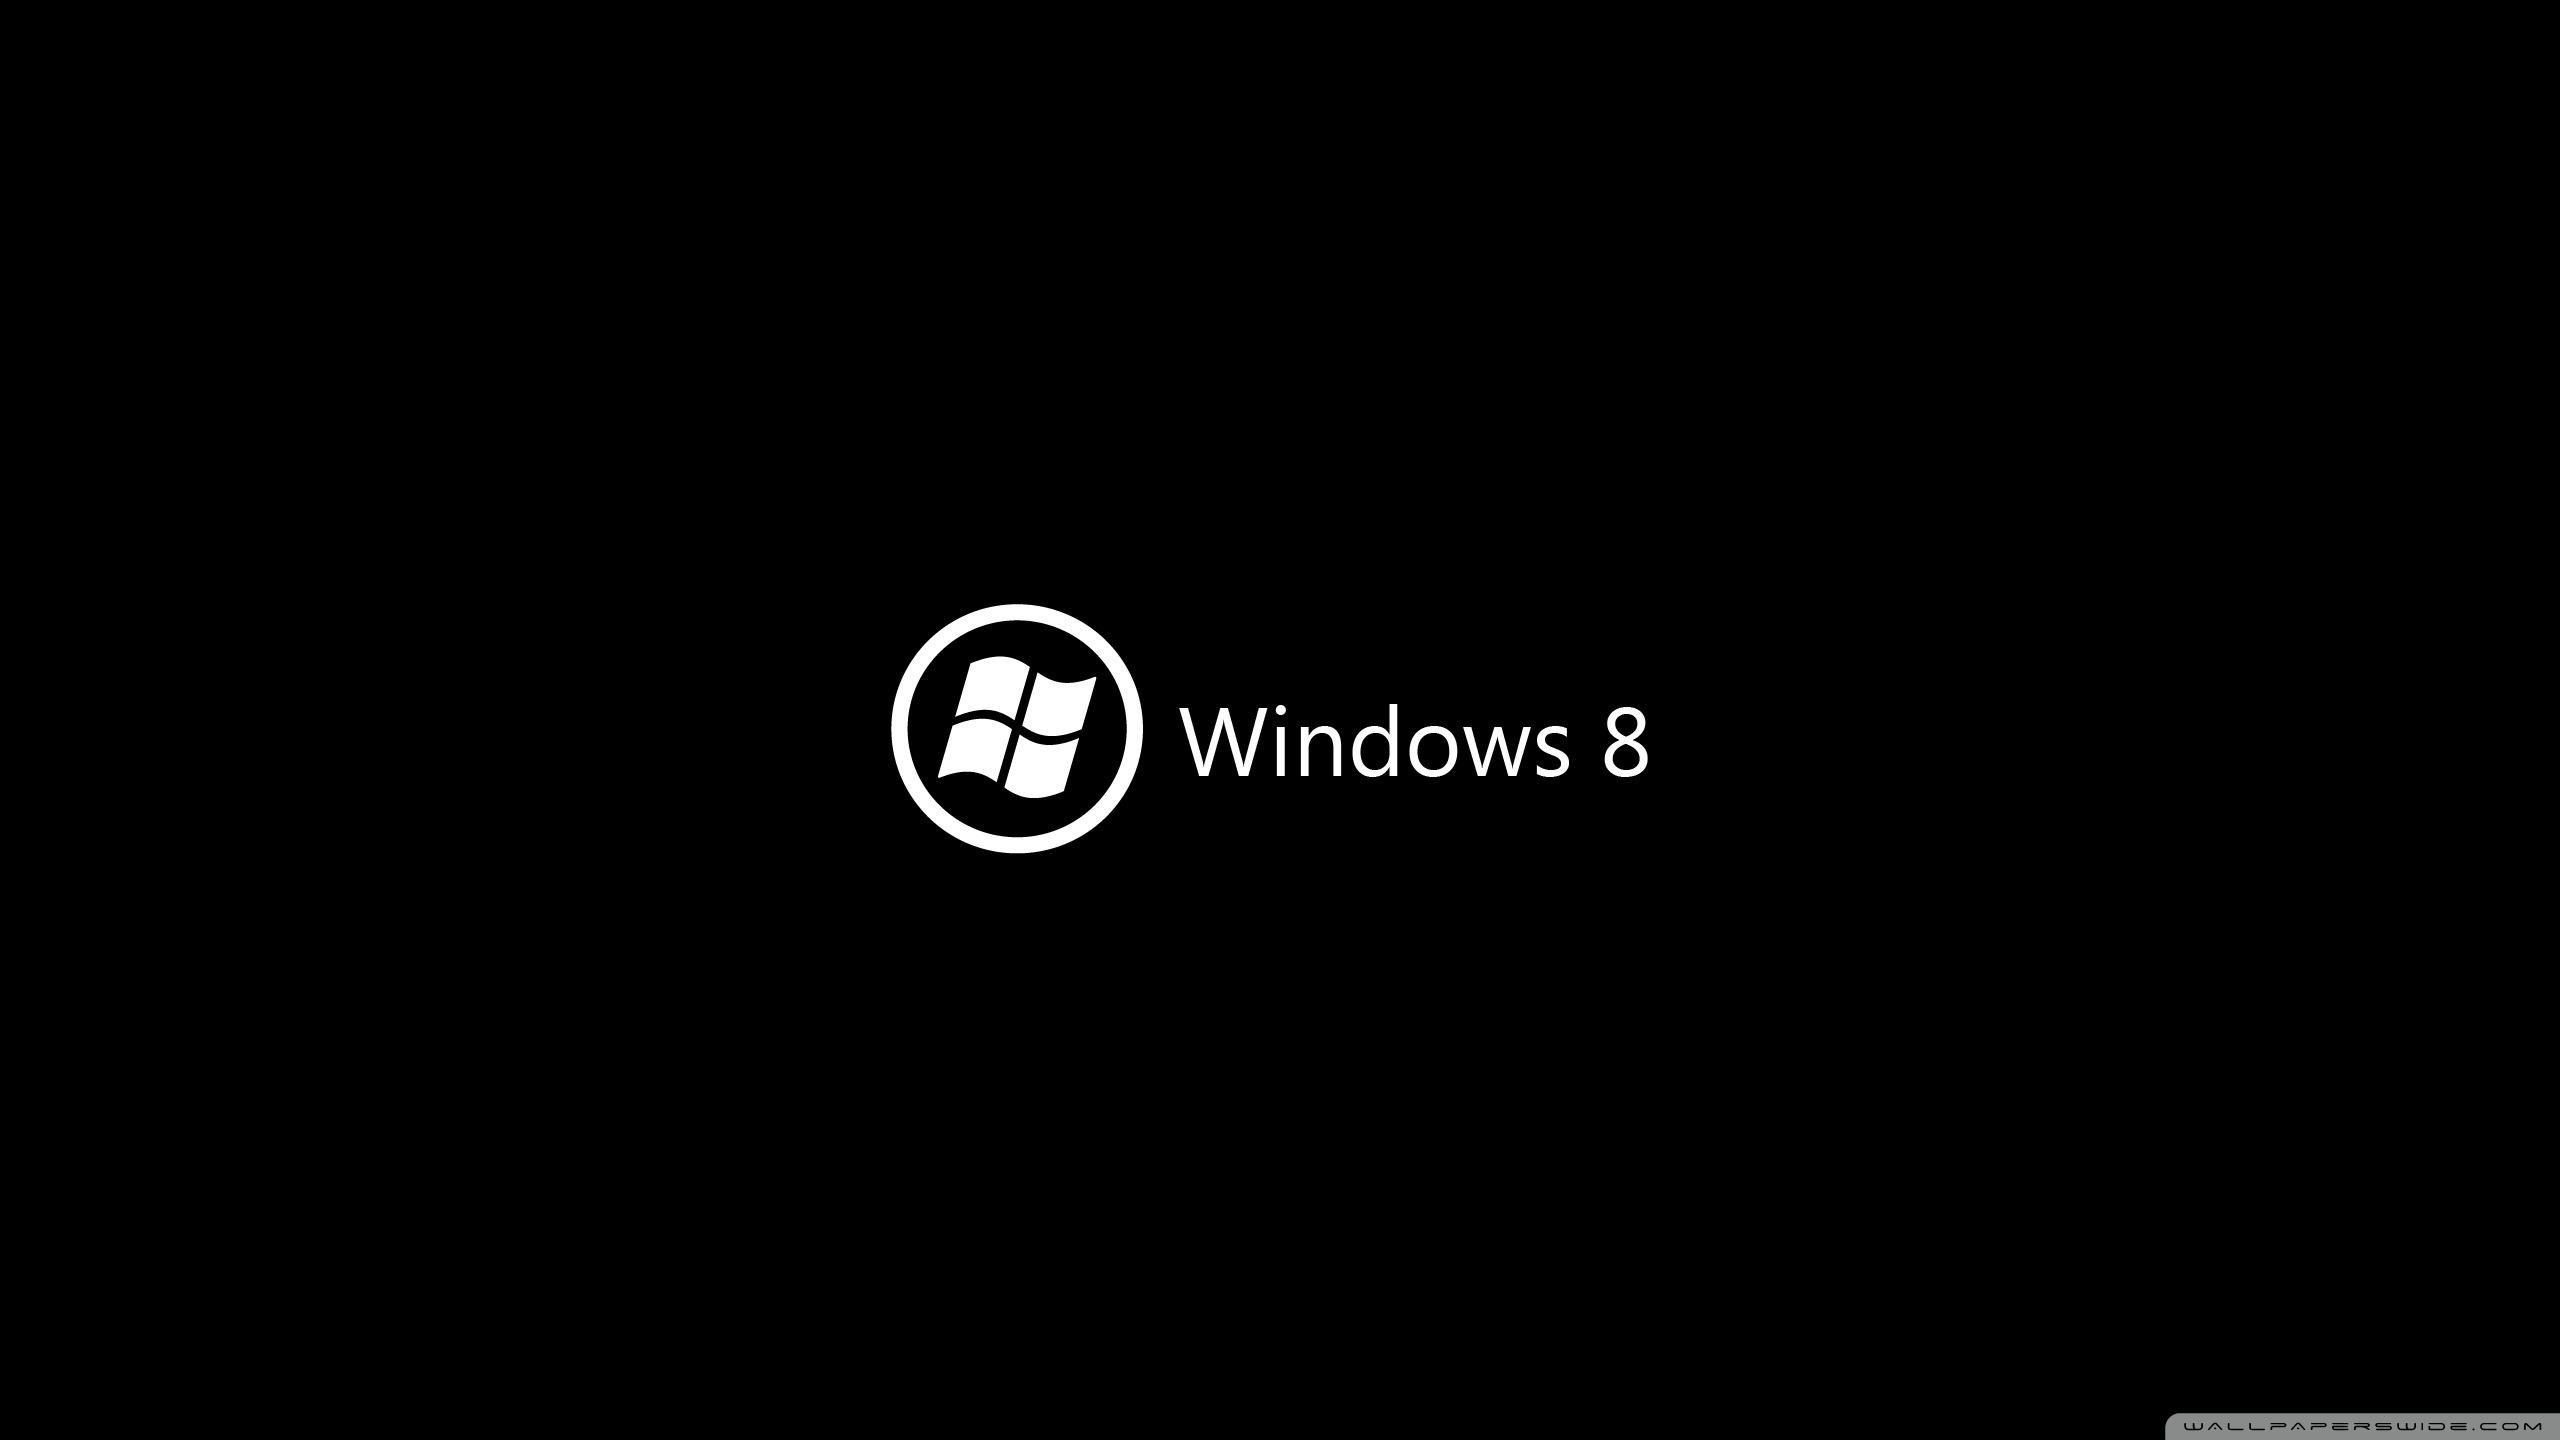 Windows 8 On Black 4K HD Desktop Wallpaper for 4K Ultra HD TV 2560x1440